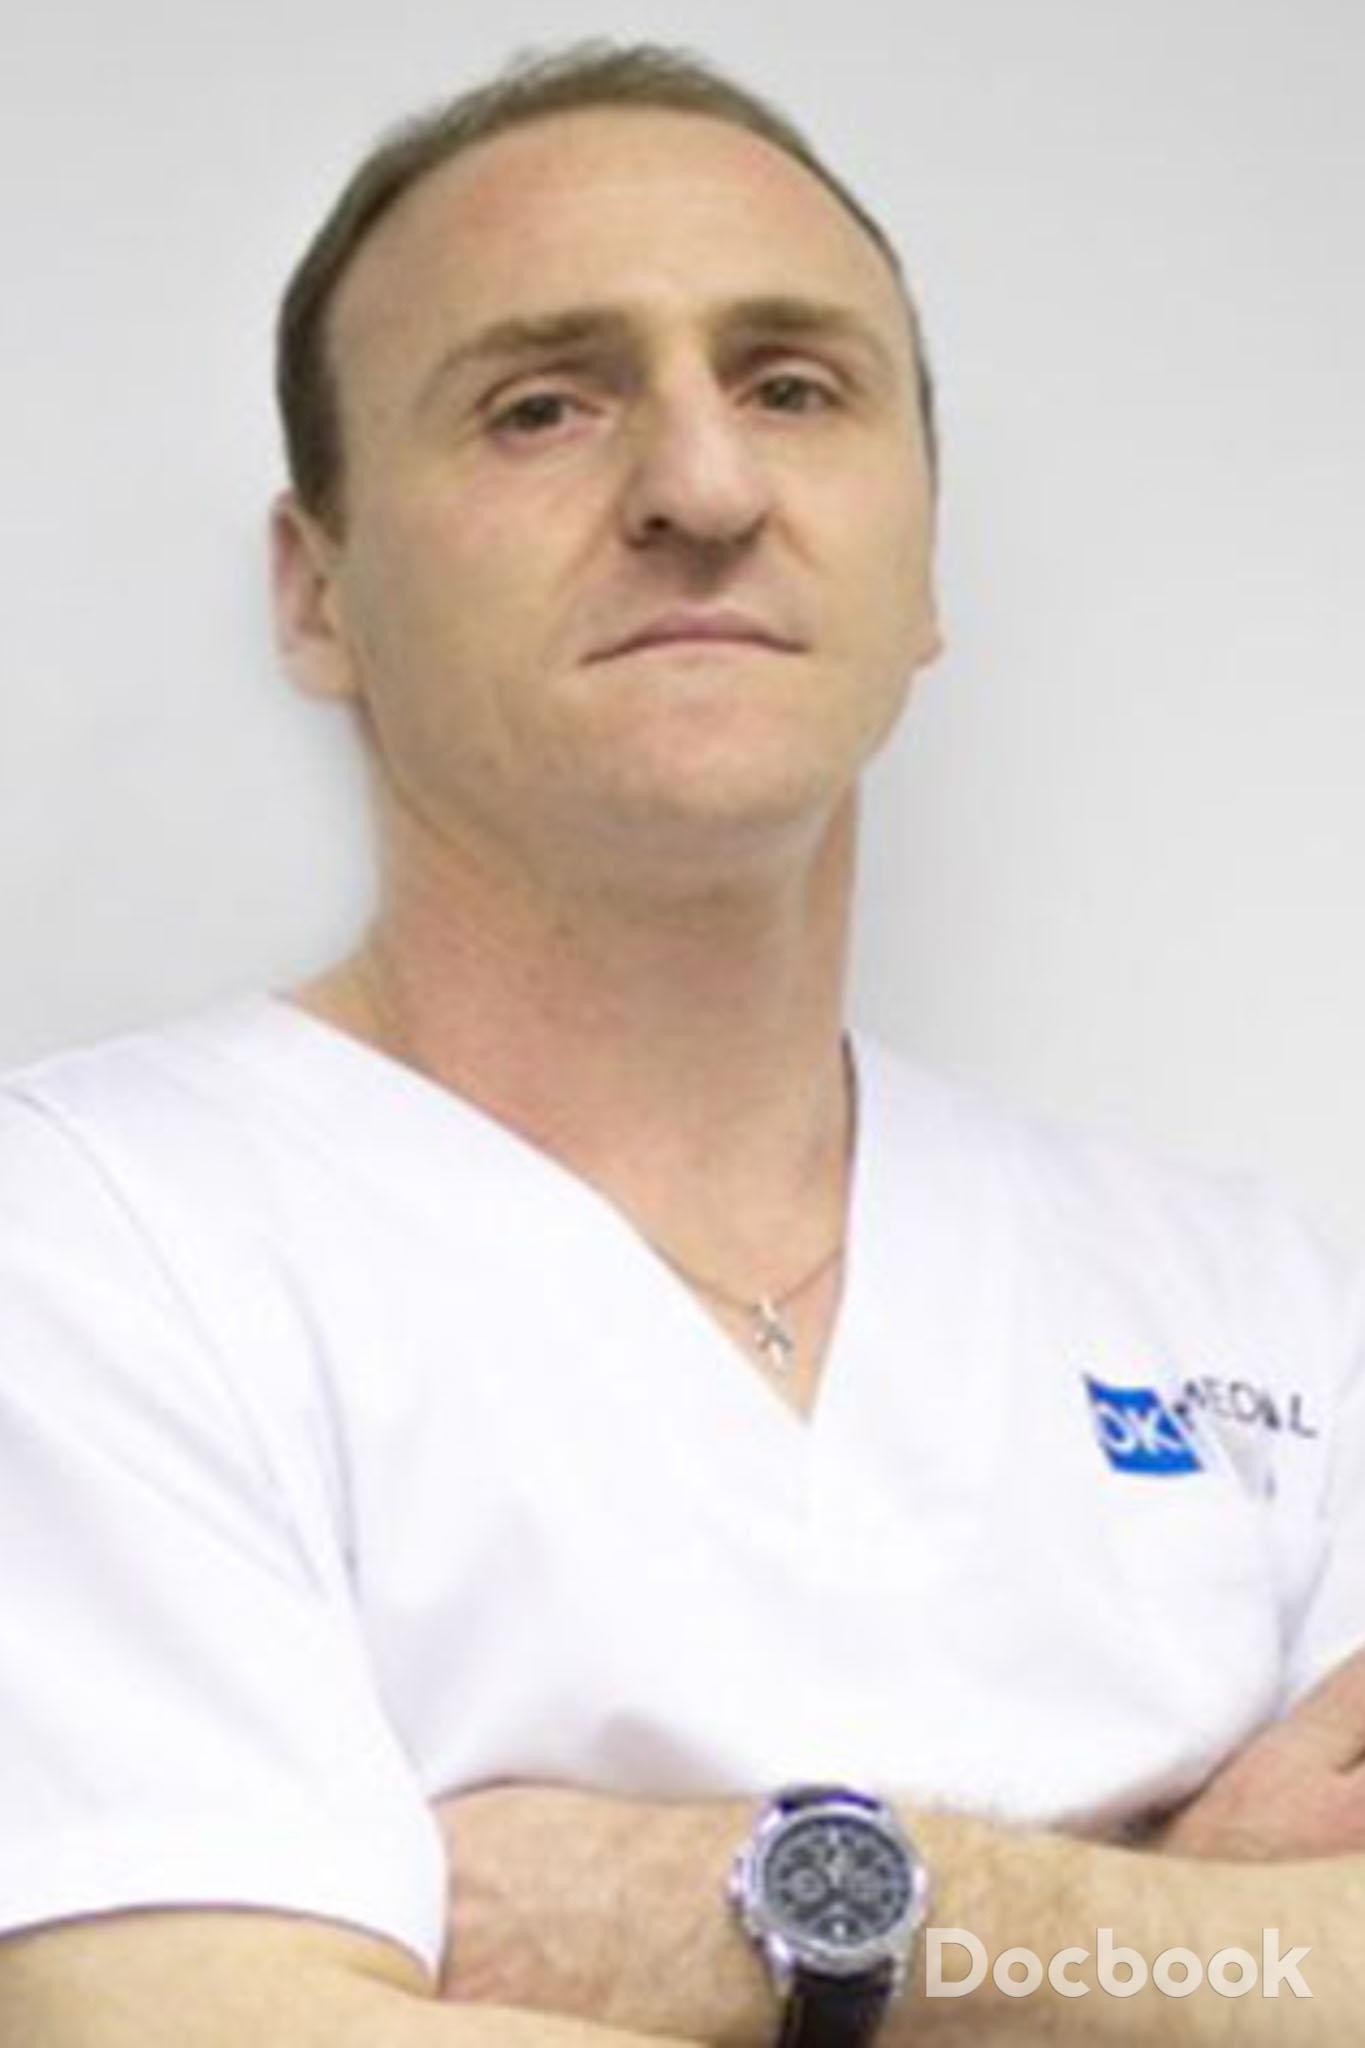 Dr. Mihai Gherghinoiu